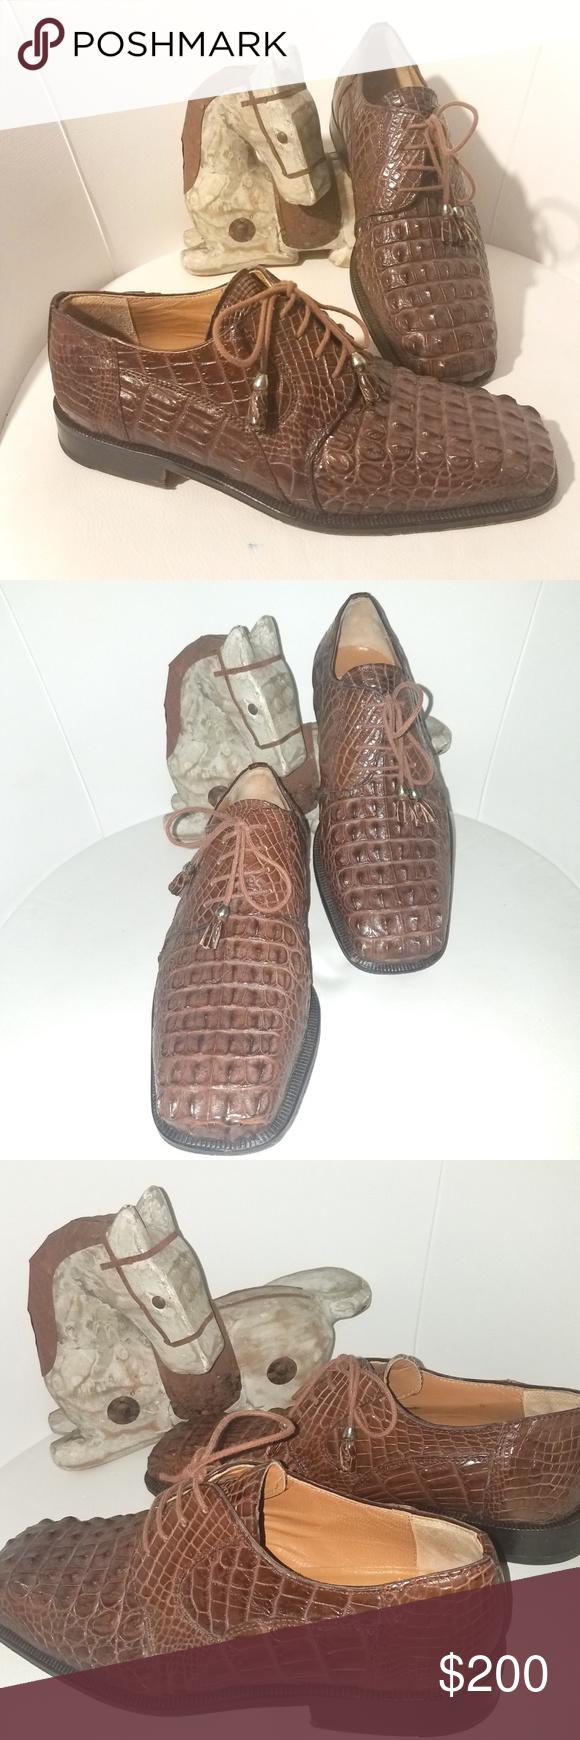 SlickExotica Crocodile Alligator Shoes